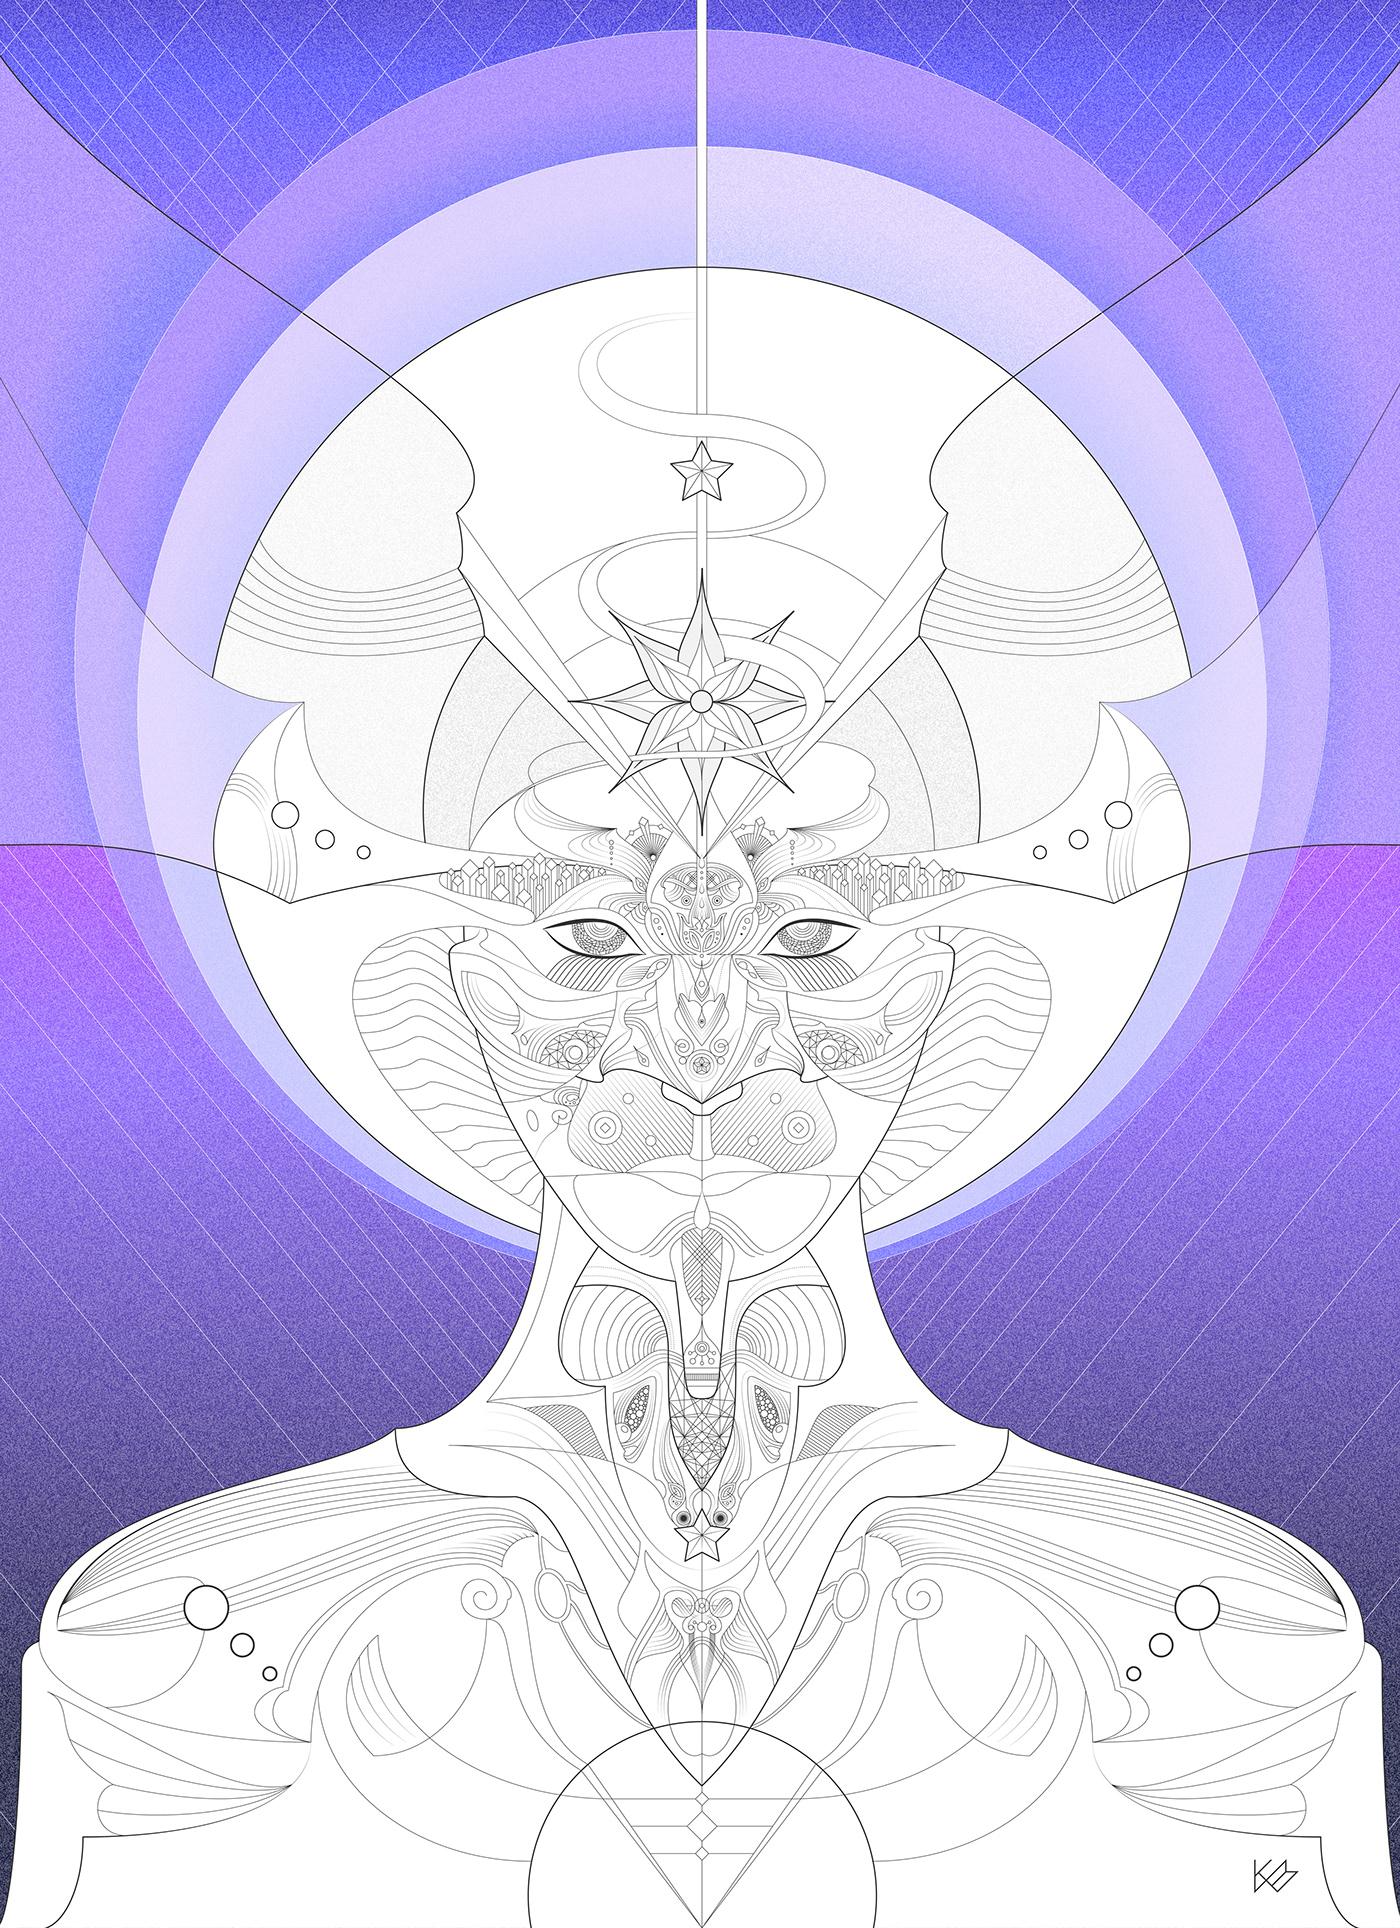 art Digital Art  fantastical fantasy fictional ILLUSTRATION  linework psychedelic surreal surrealism